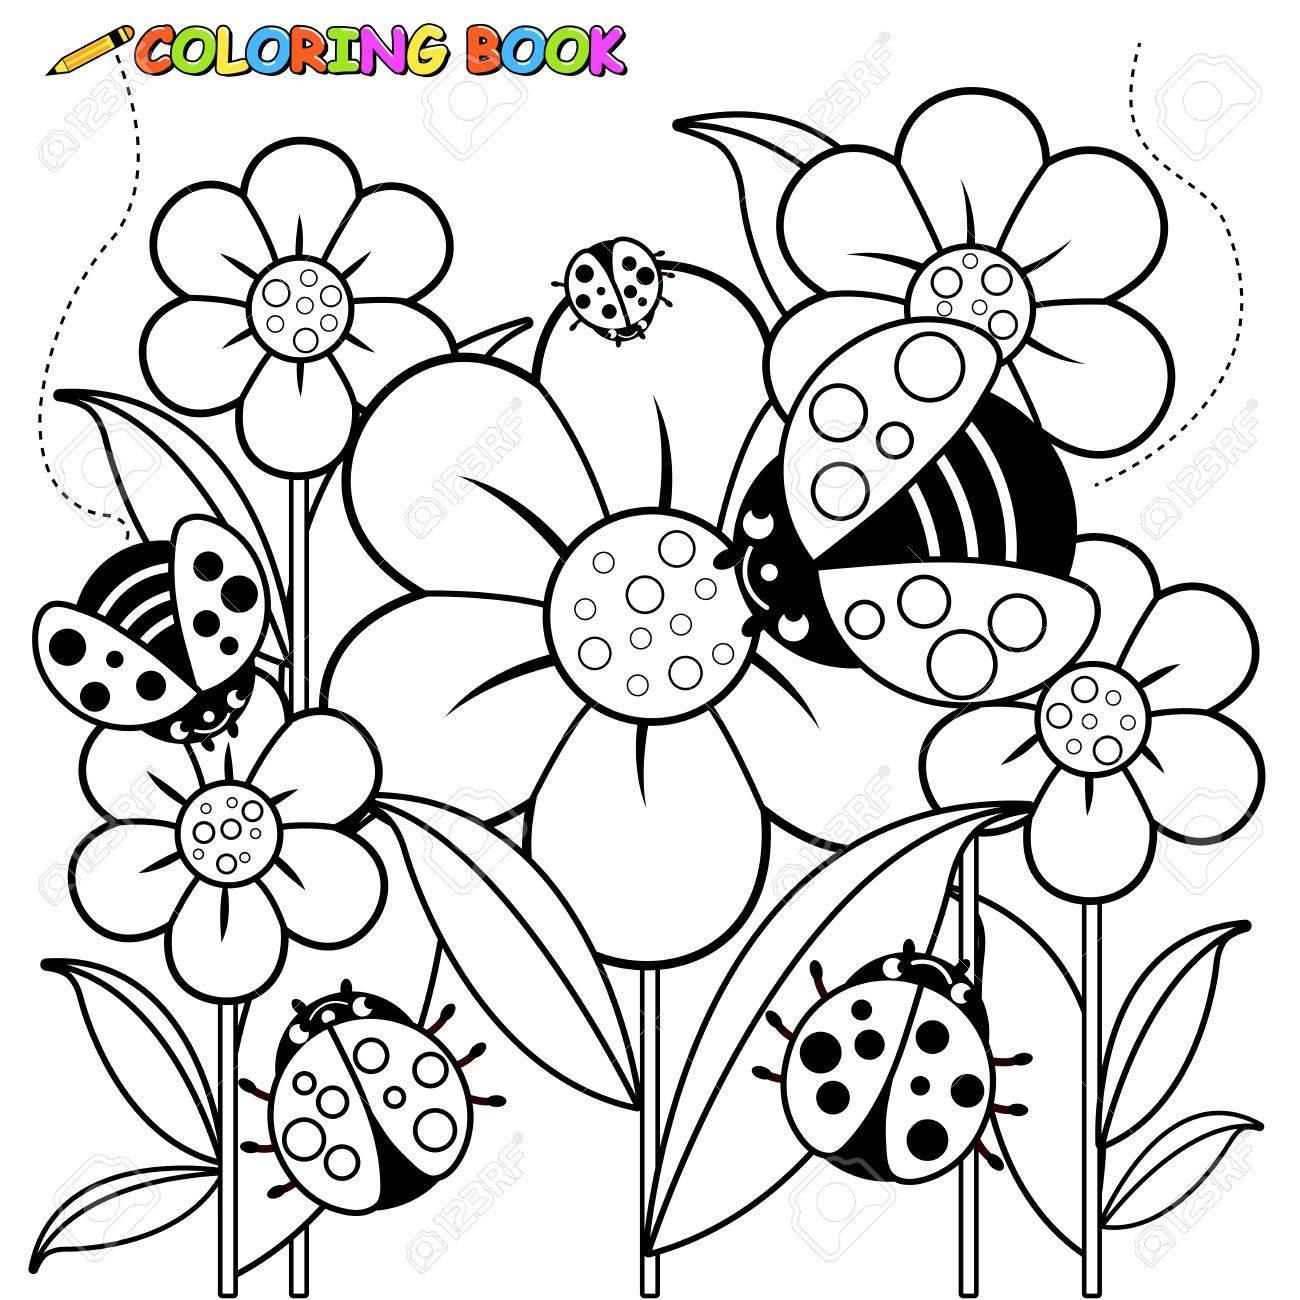 Schwarz Weiß Umriss Bild Der Marienkäfer Auf Blumen Im Frühling